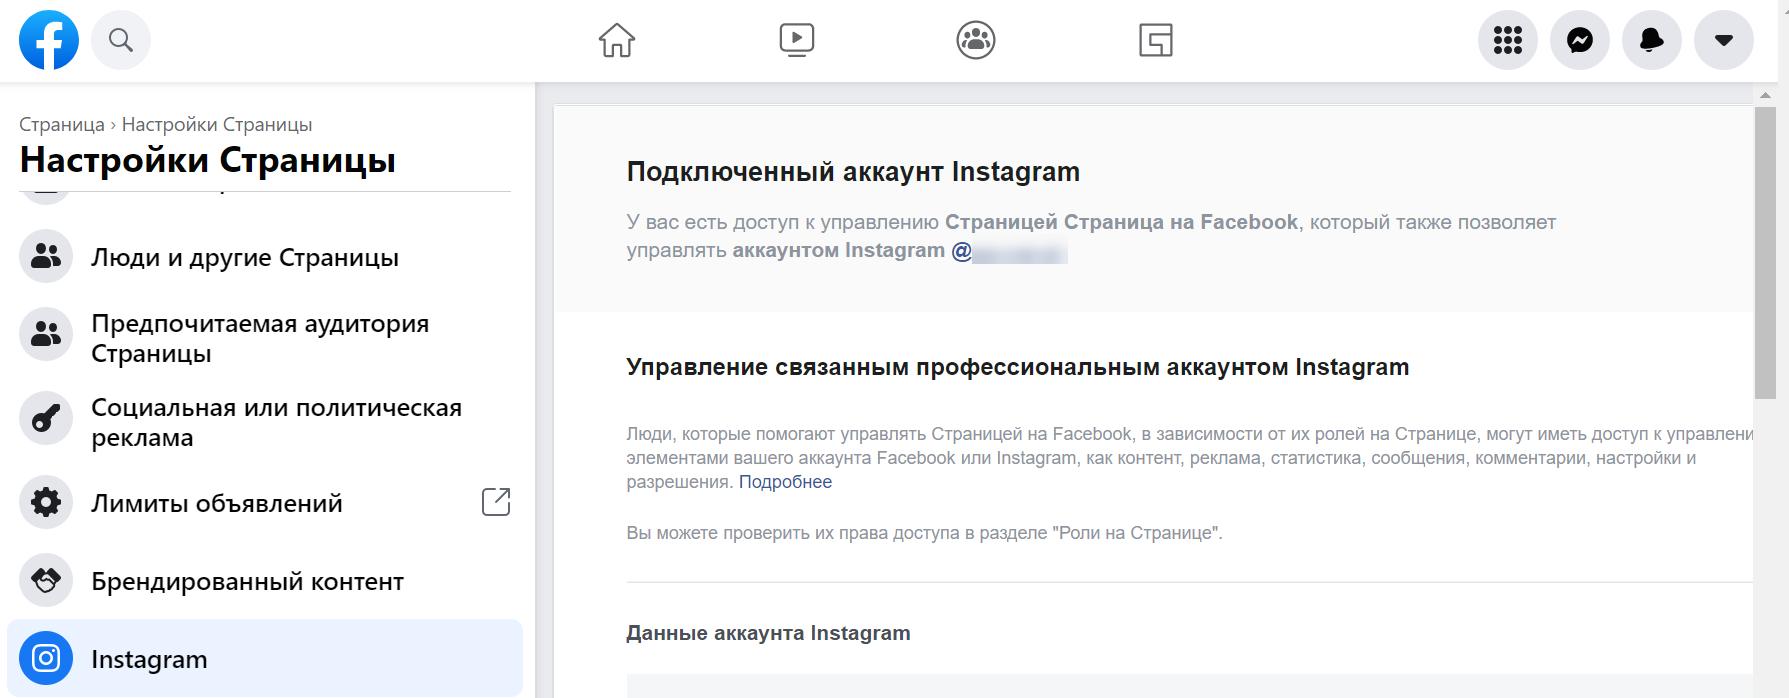 аккаунт Инстаграм подключен